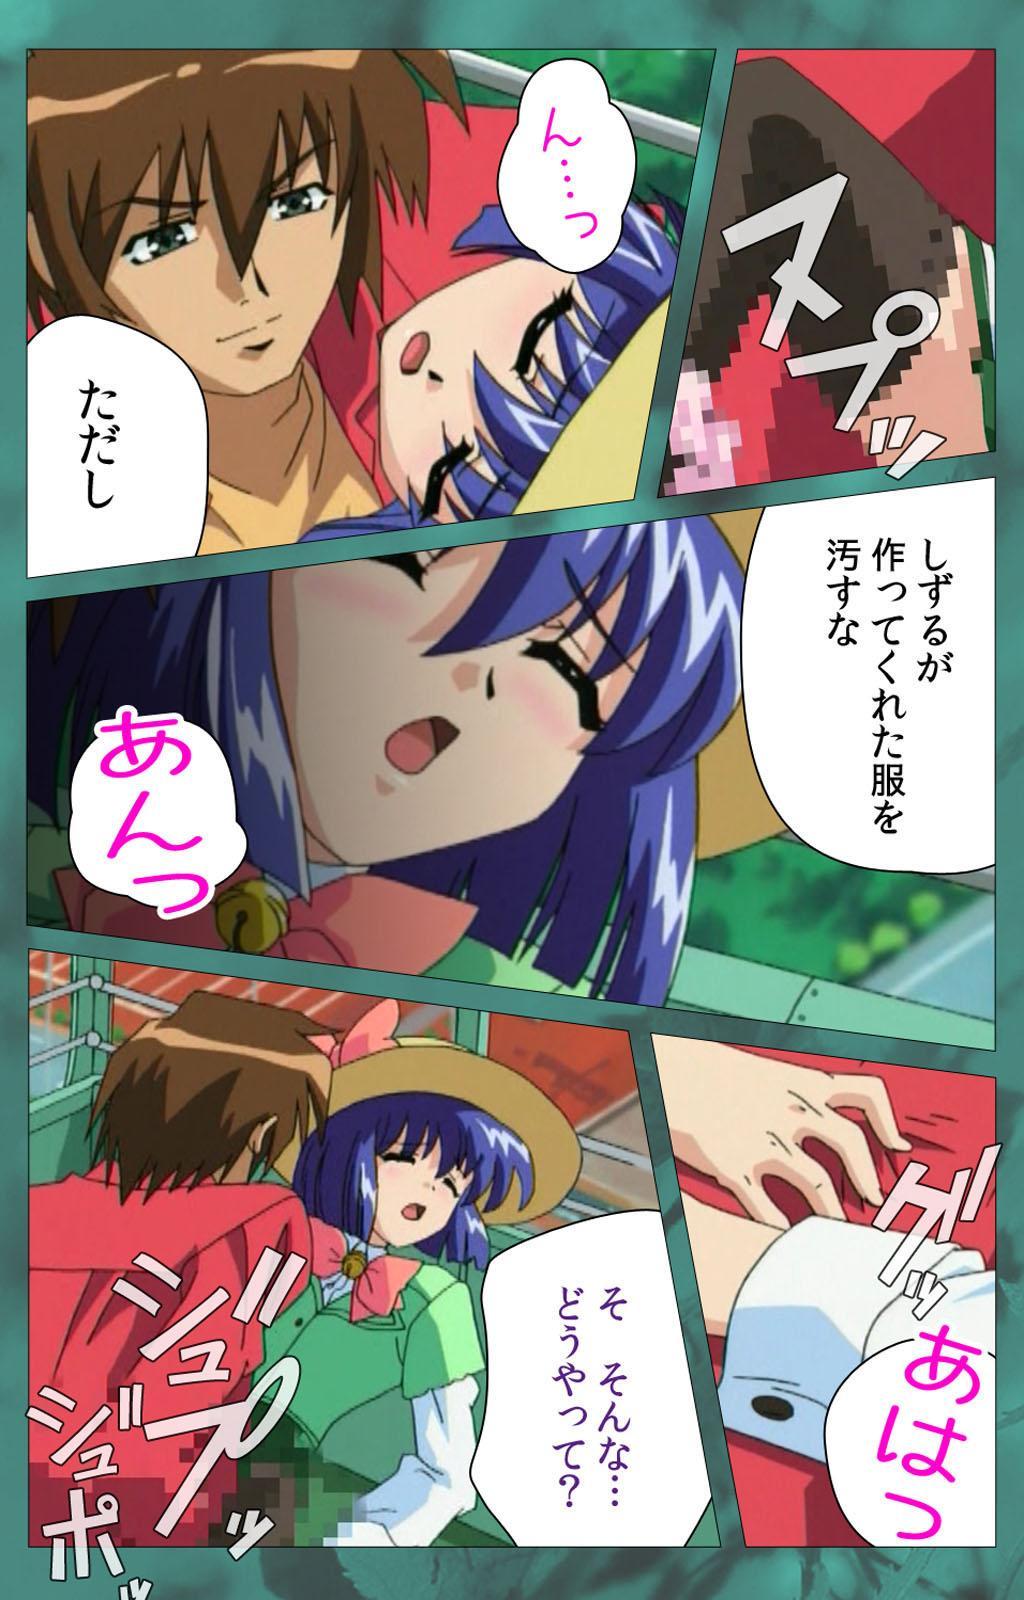 'watashi ningyo jaarimasen' kanzenhan 323